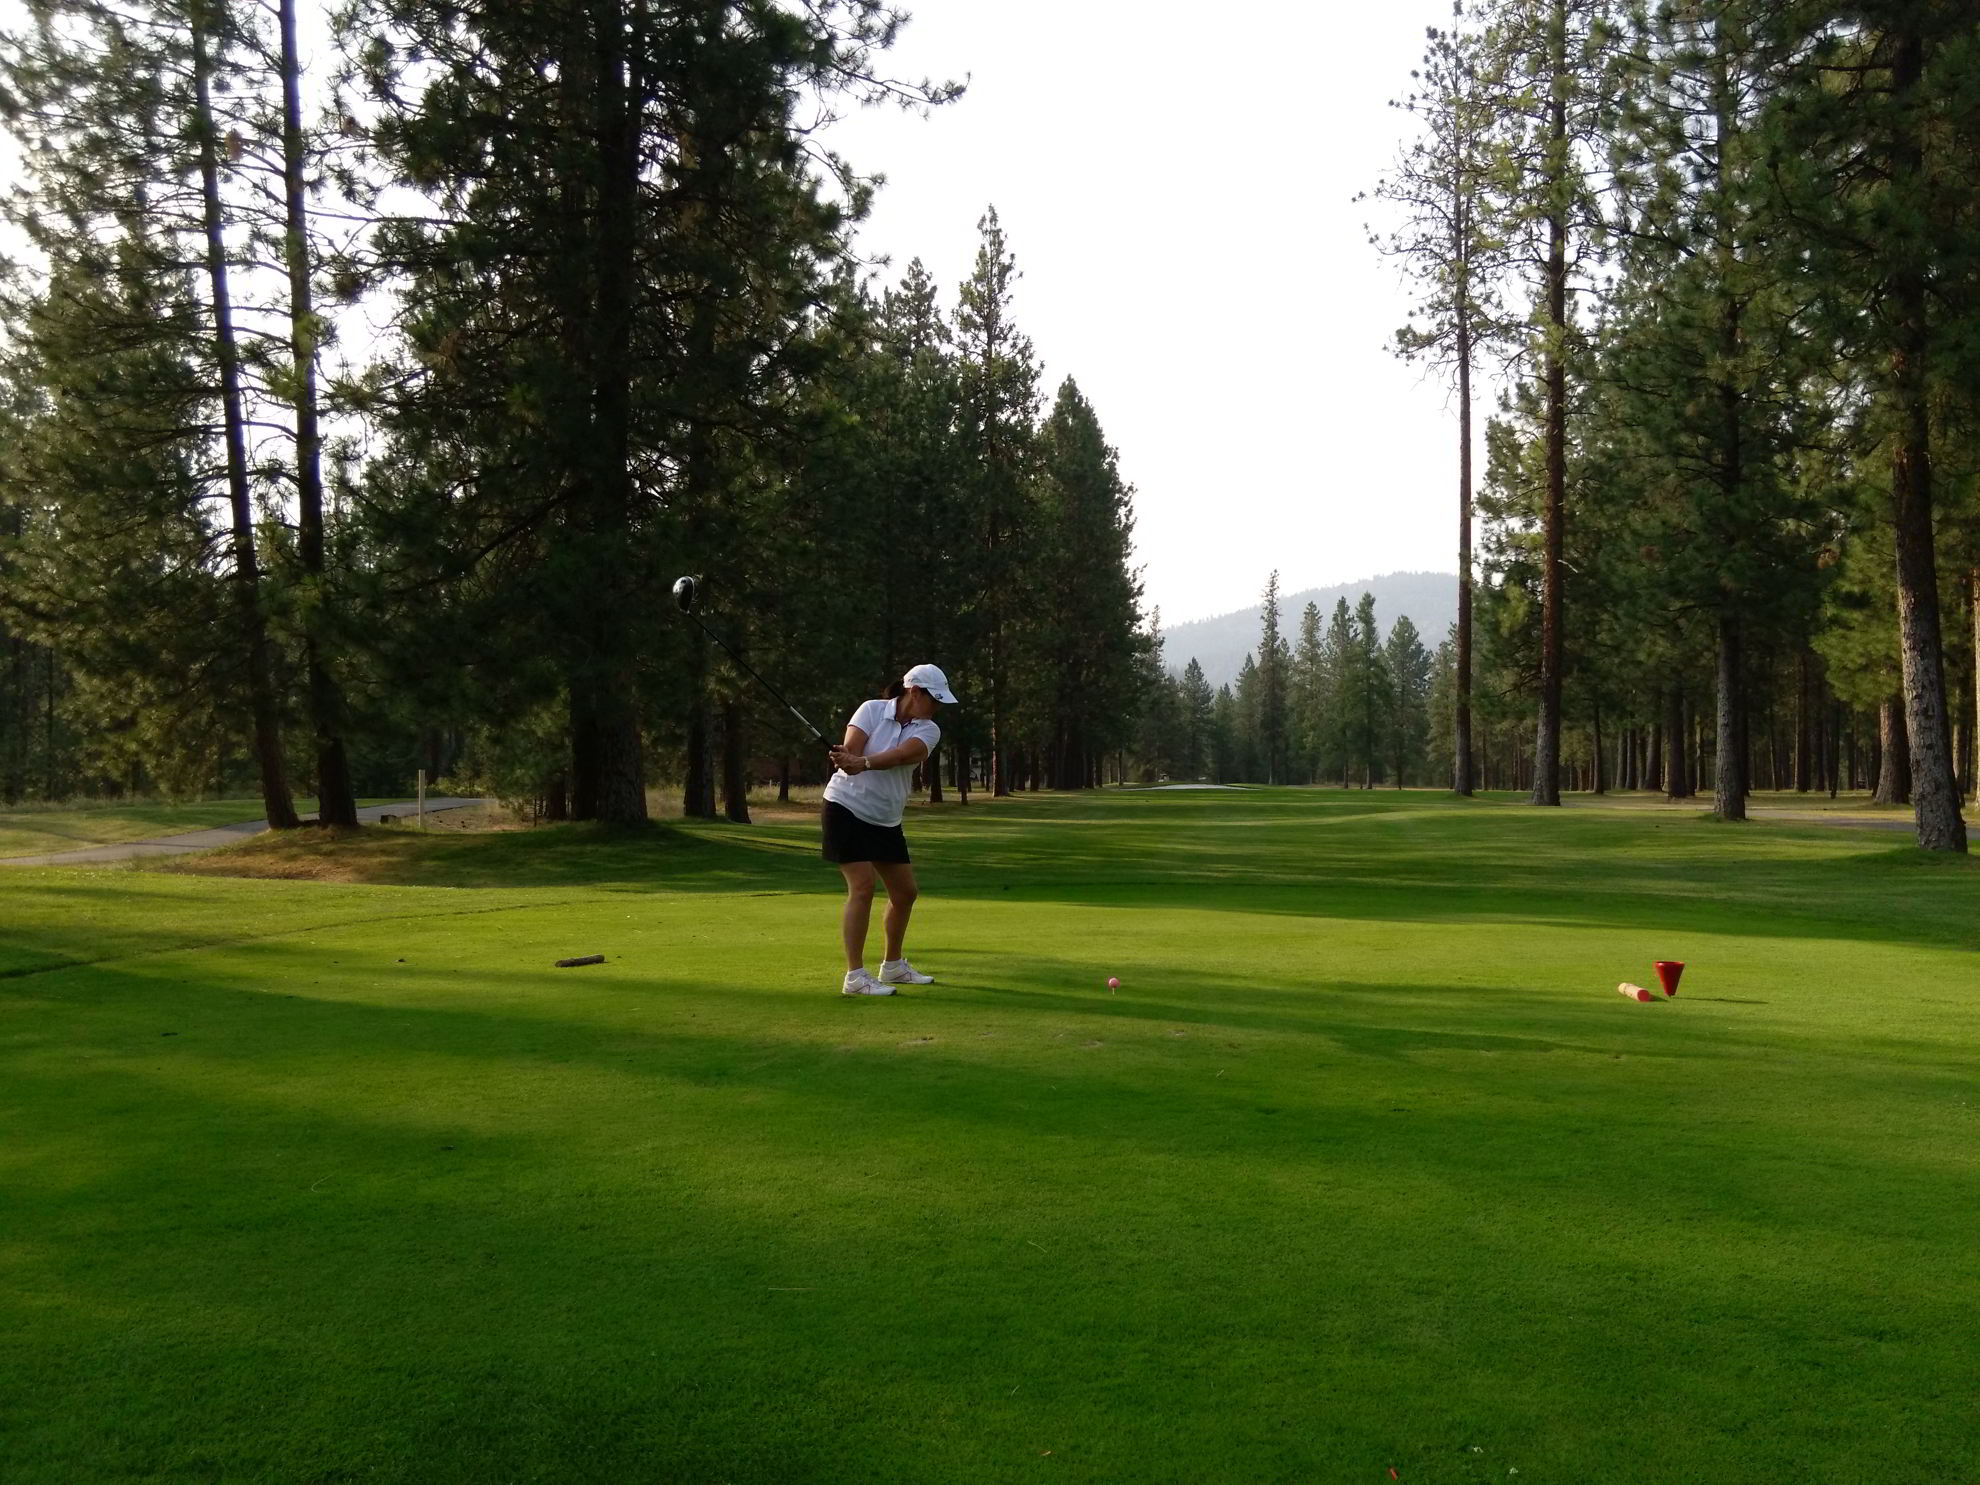 Golf No. 2sm